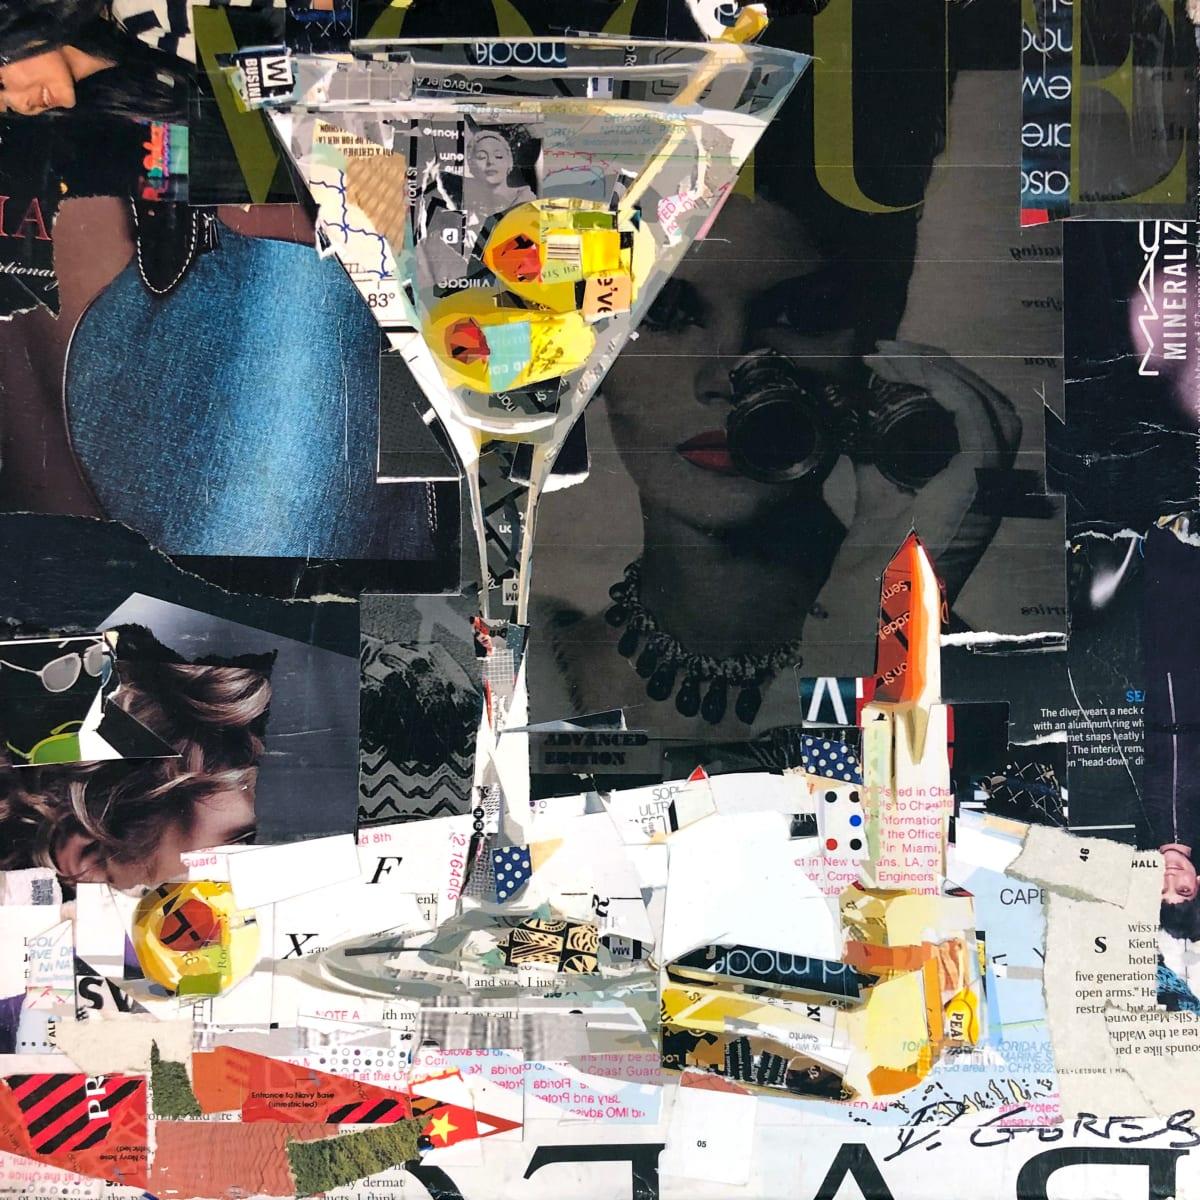 Oasis Ahead by Derek Gores